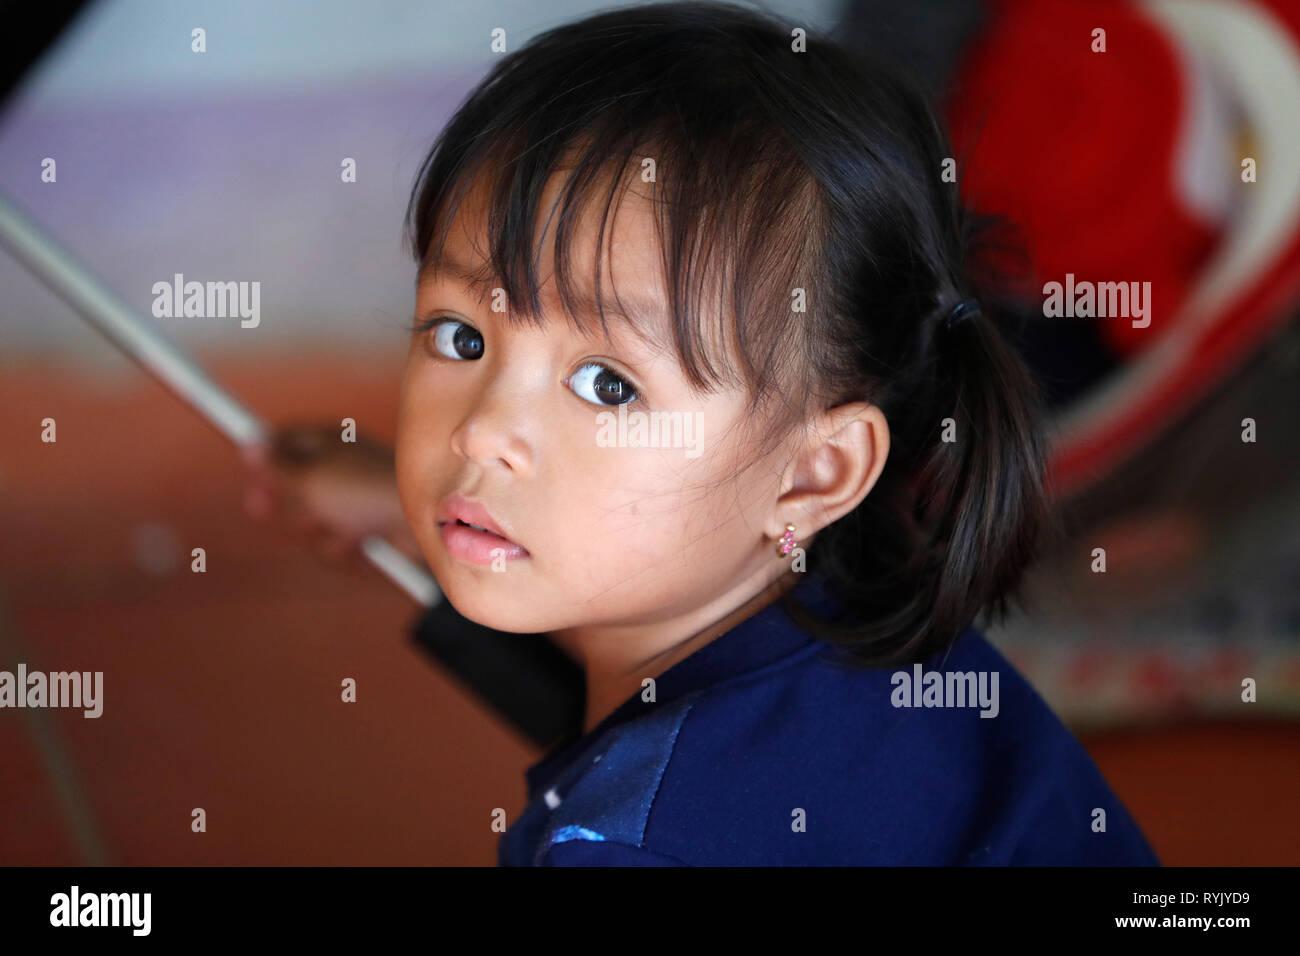 La minoranza etnica bambino. Giovane ragazza. Dalat. Il Vietnam. Immagini Stock